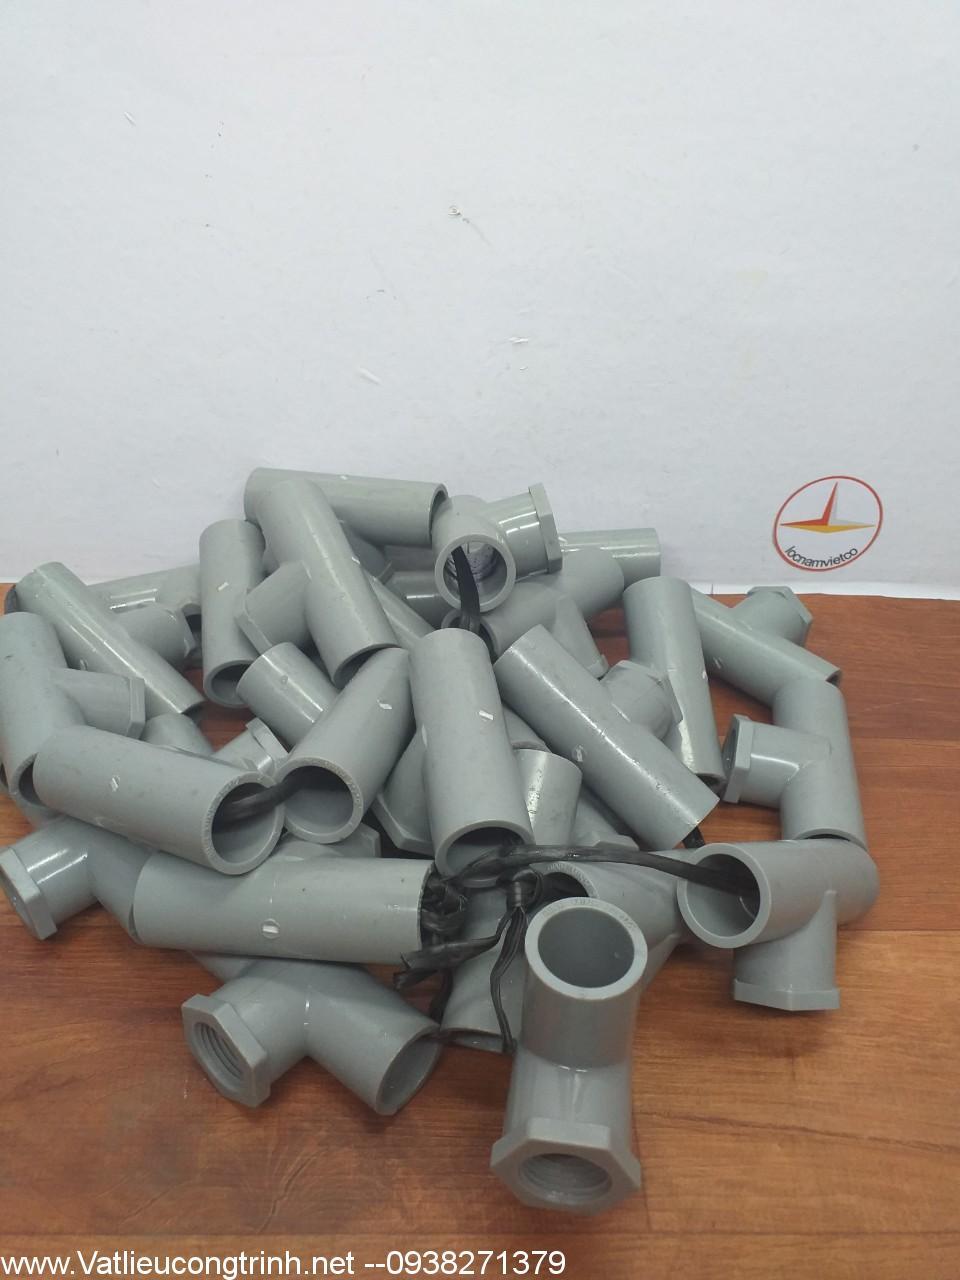 TE REN TRONG 21 NHUA PVC BINH MINH (2)